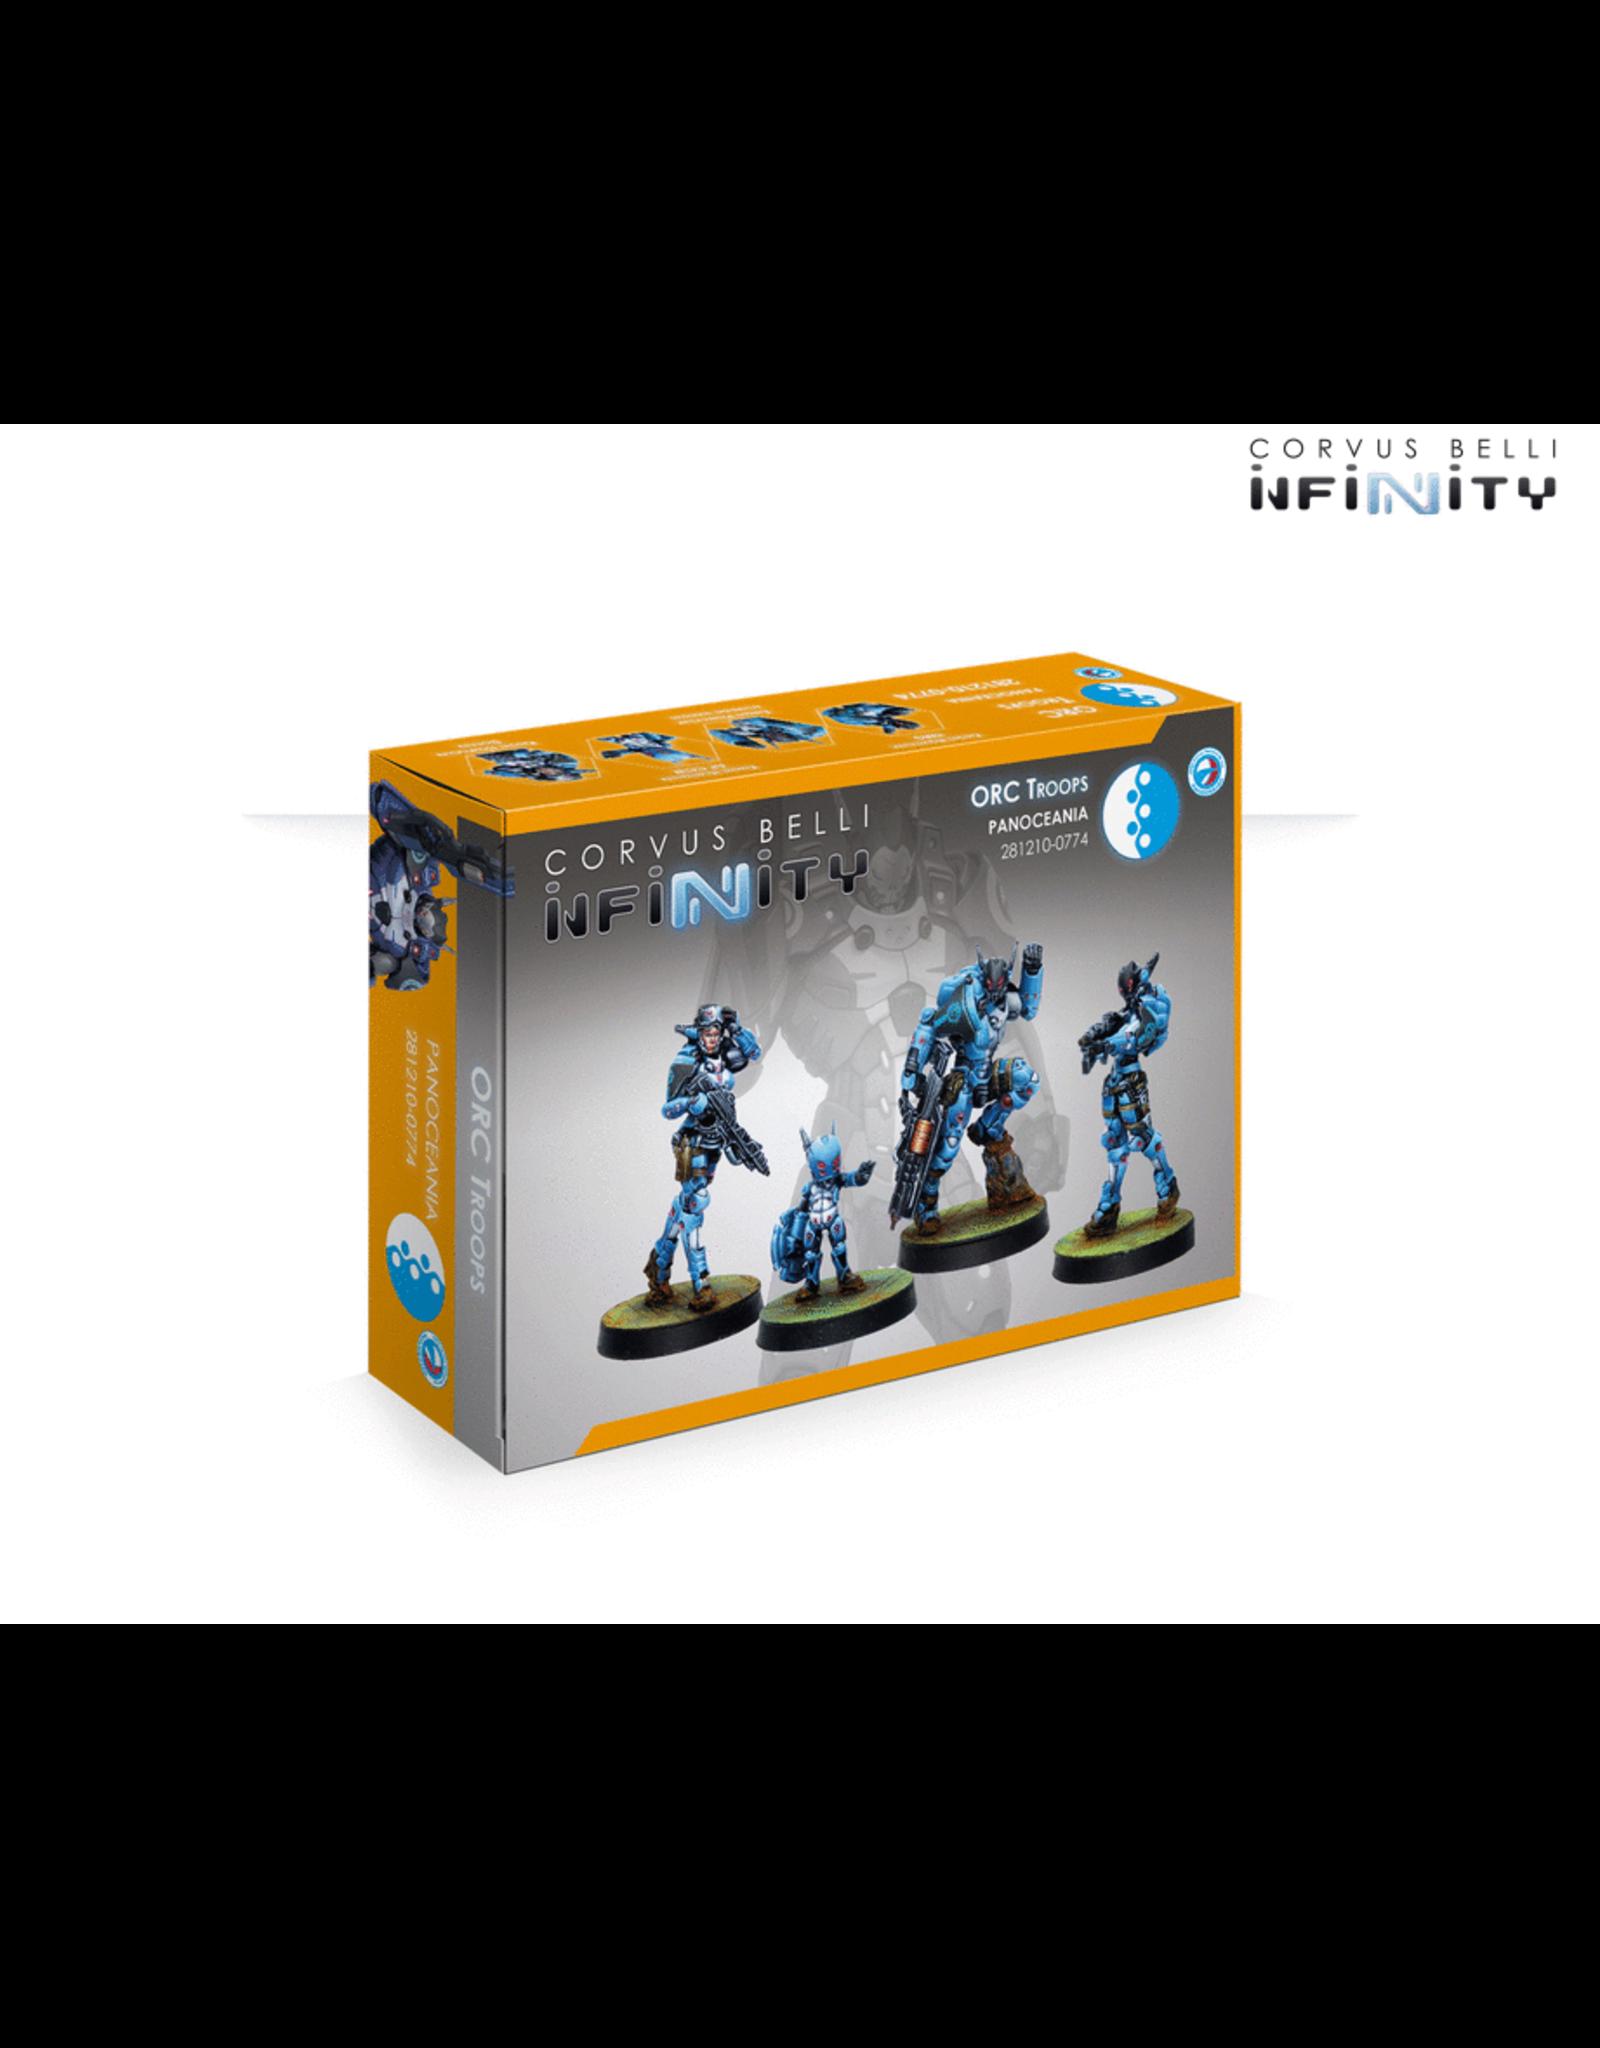 Corvus Belli Infinity: ORC Troops